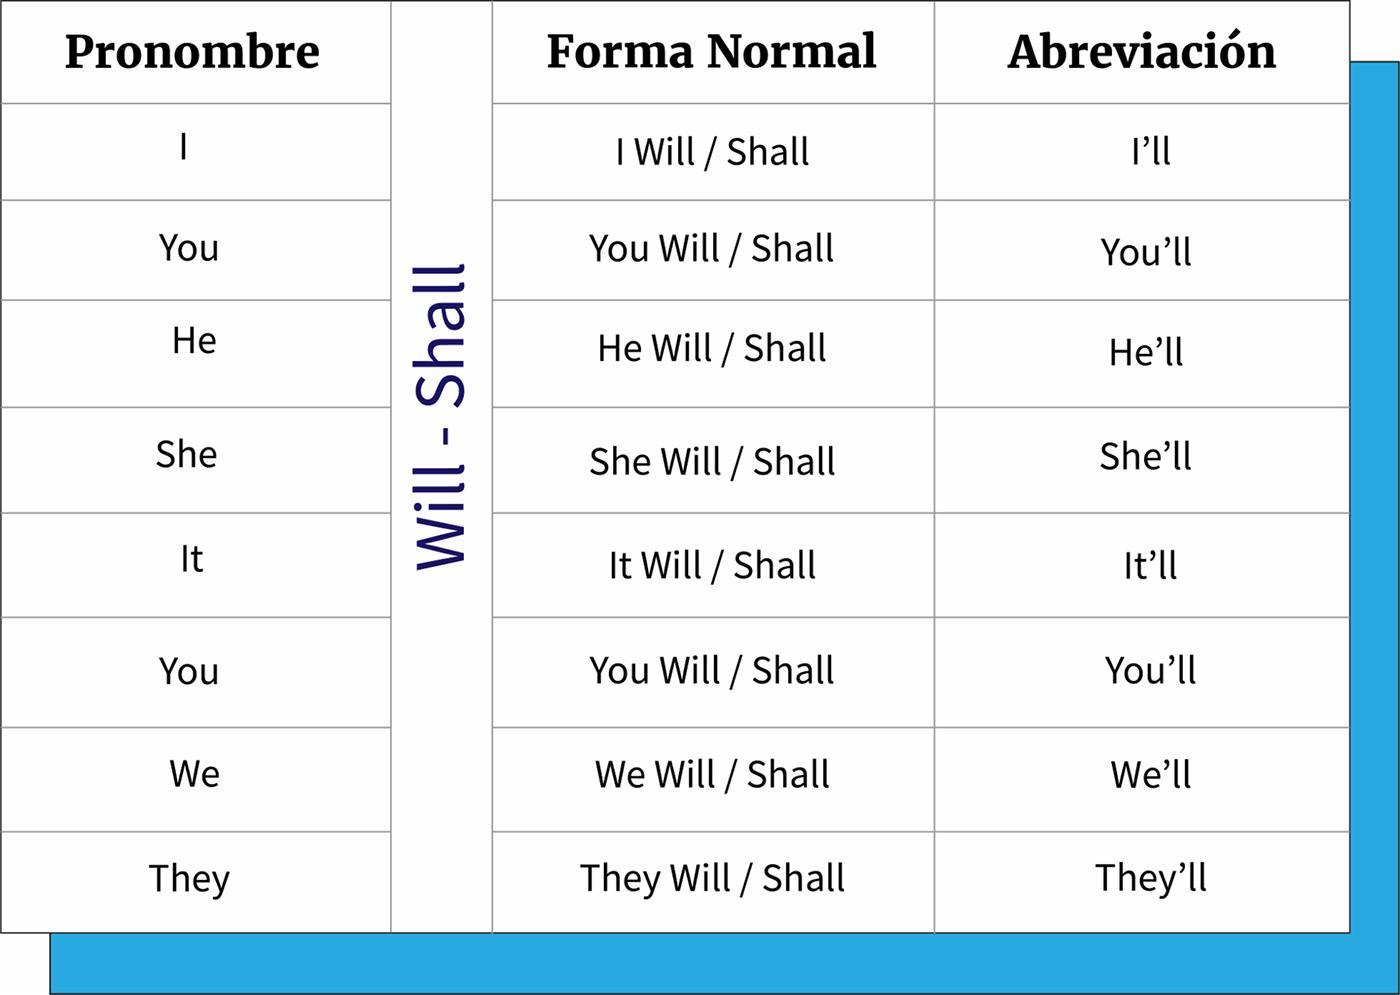 Ejemplo de cómo se abrevia will y shall.